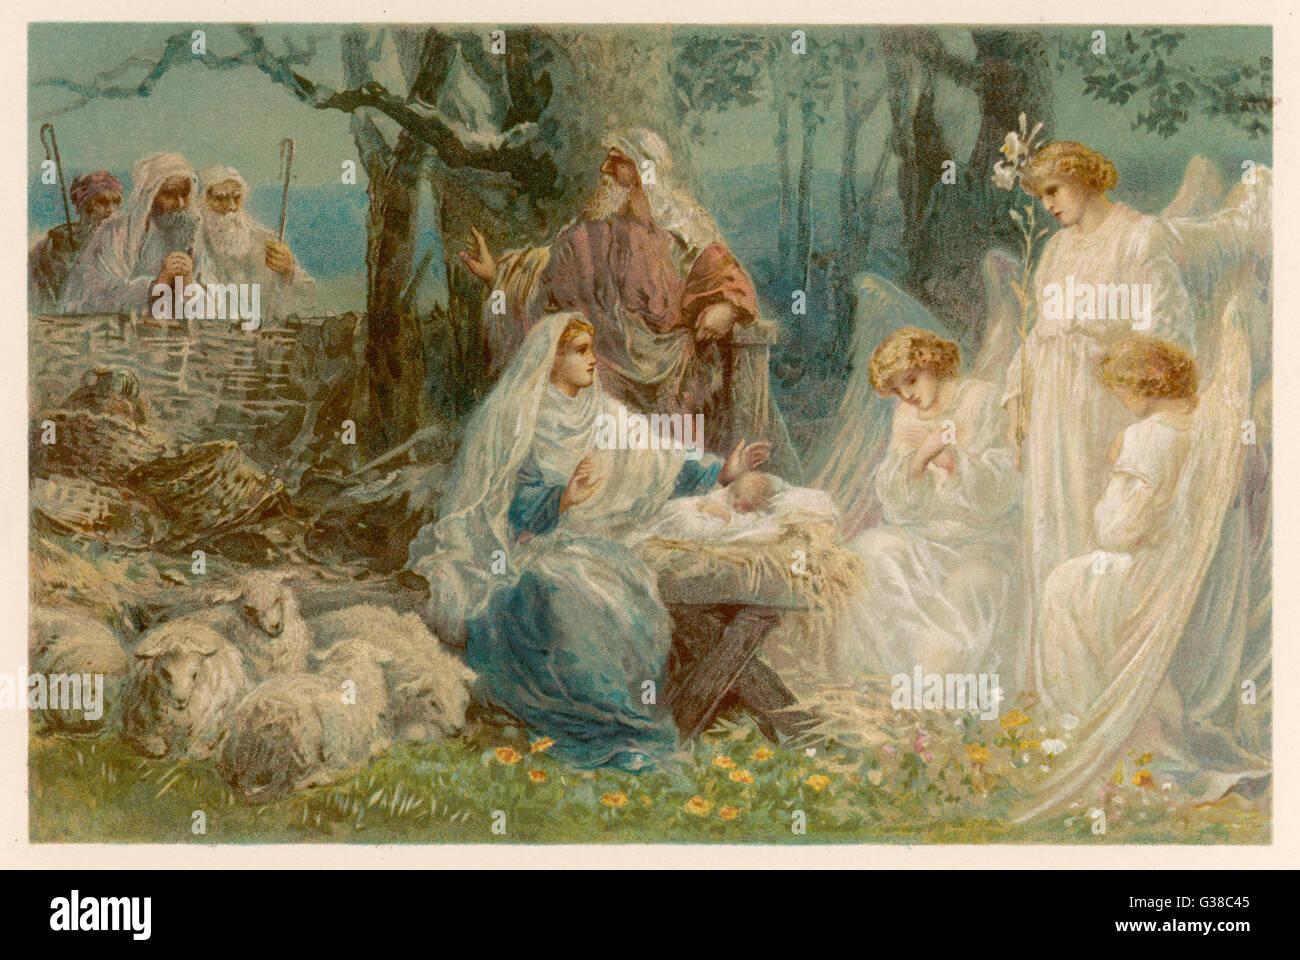 Baby Jesus Angels Stock Photos Amp Baby Jesus Angels Stock